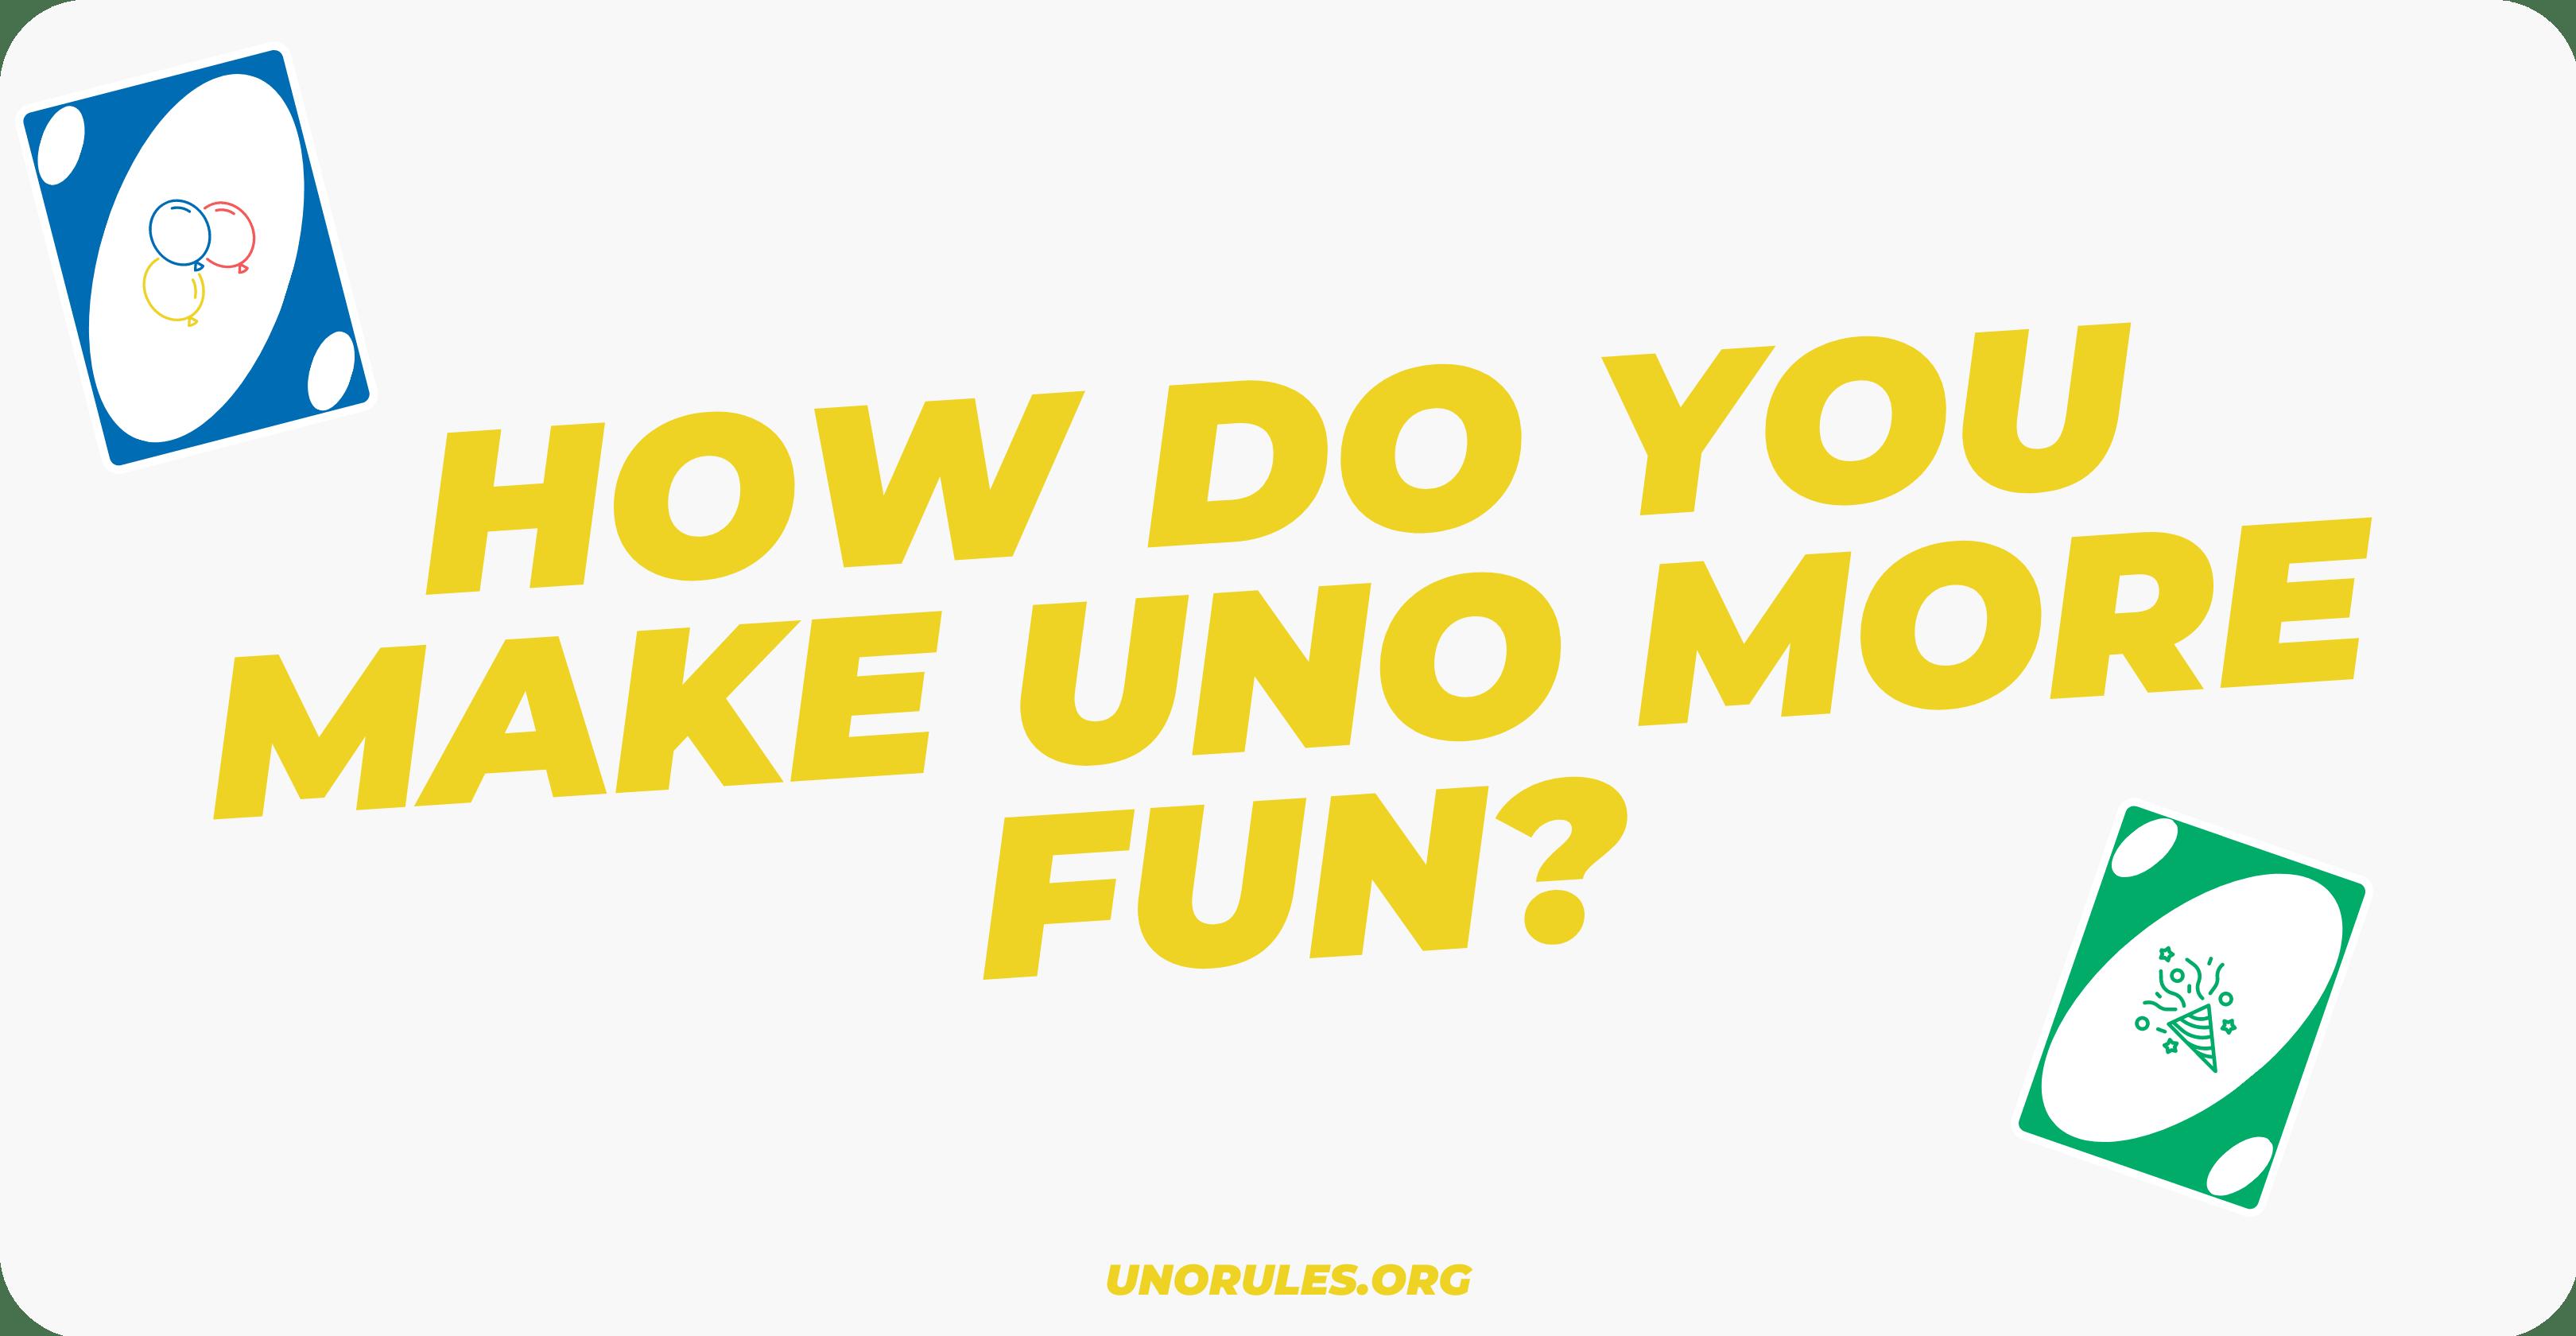 How do you make Uno more fun